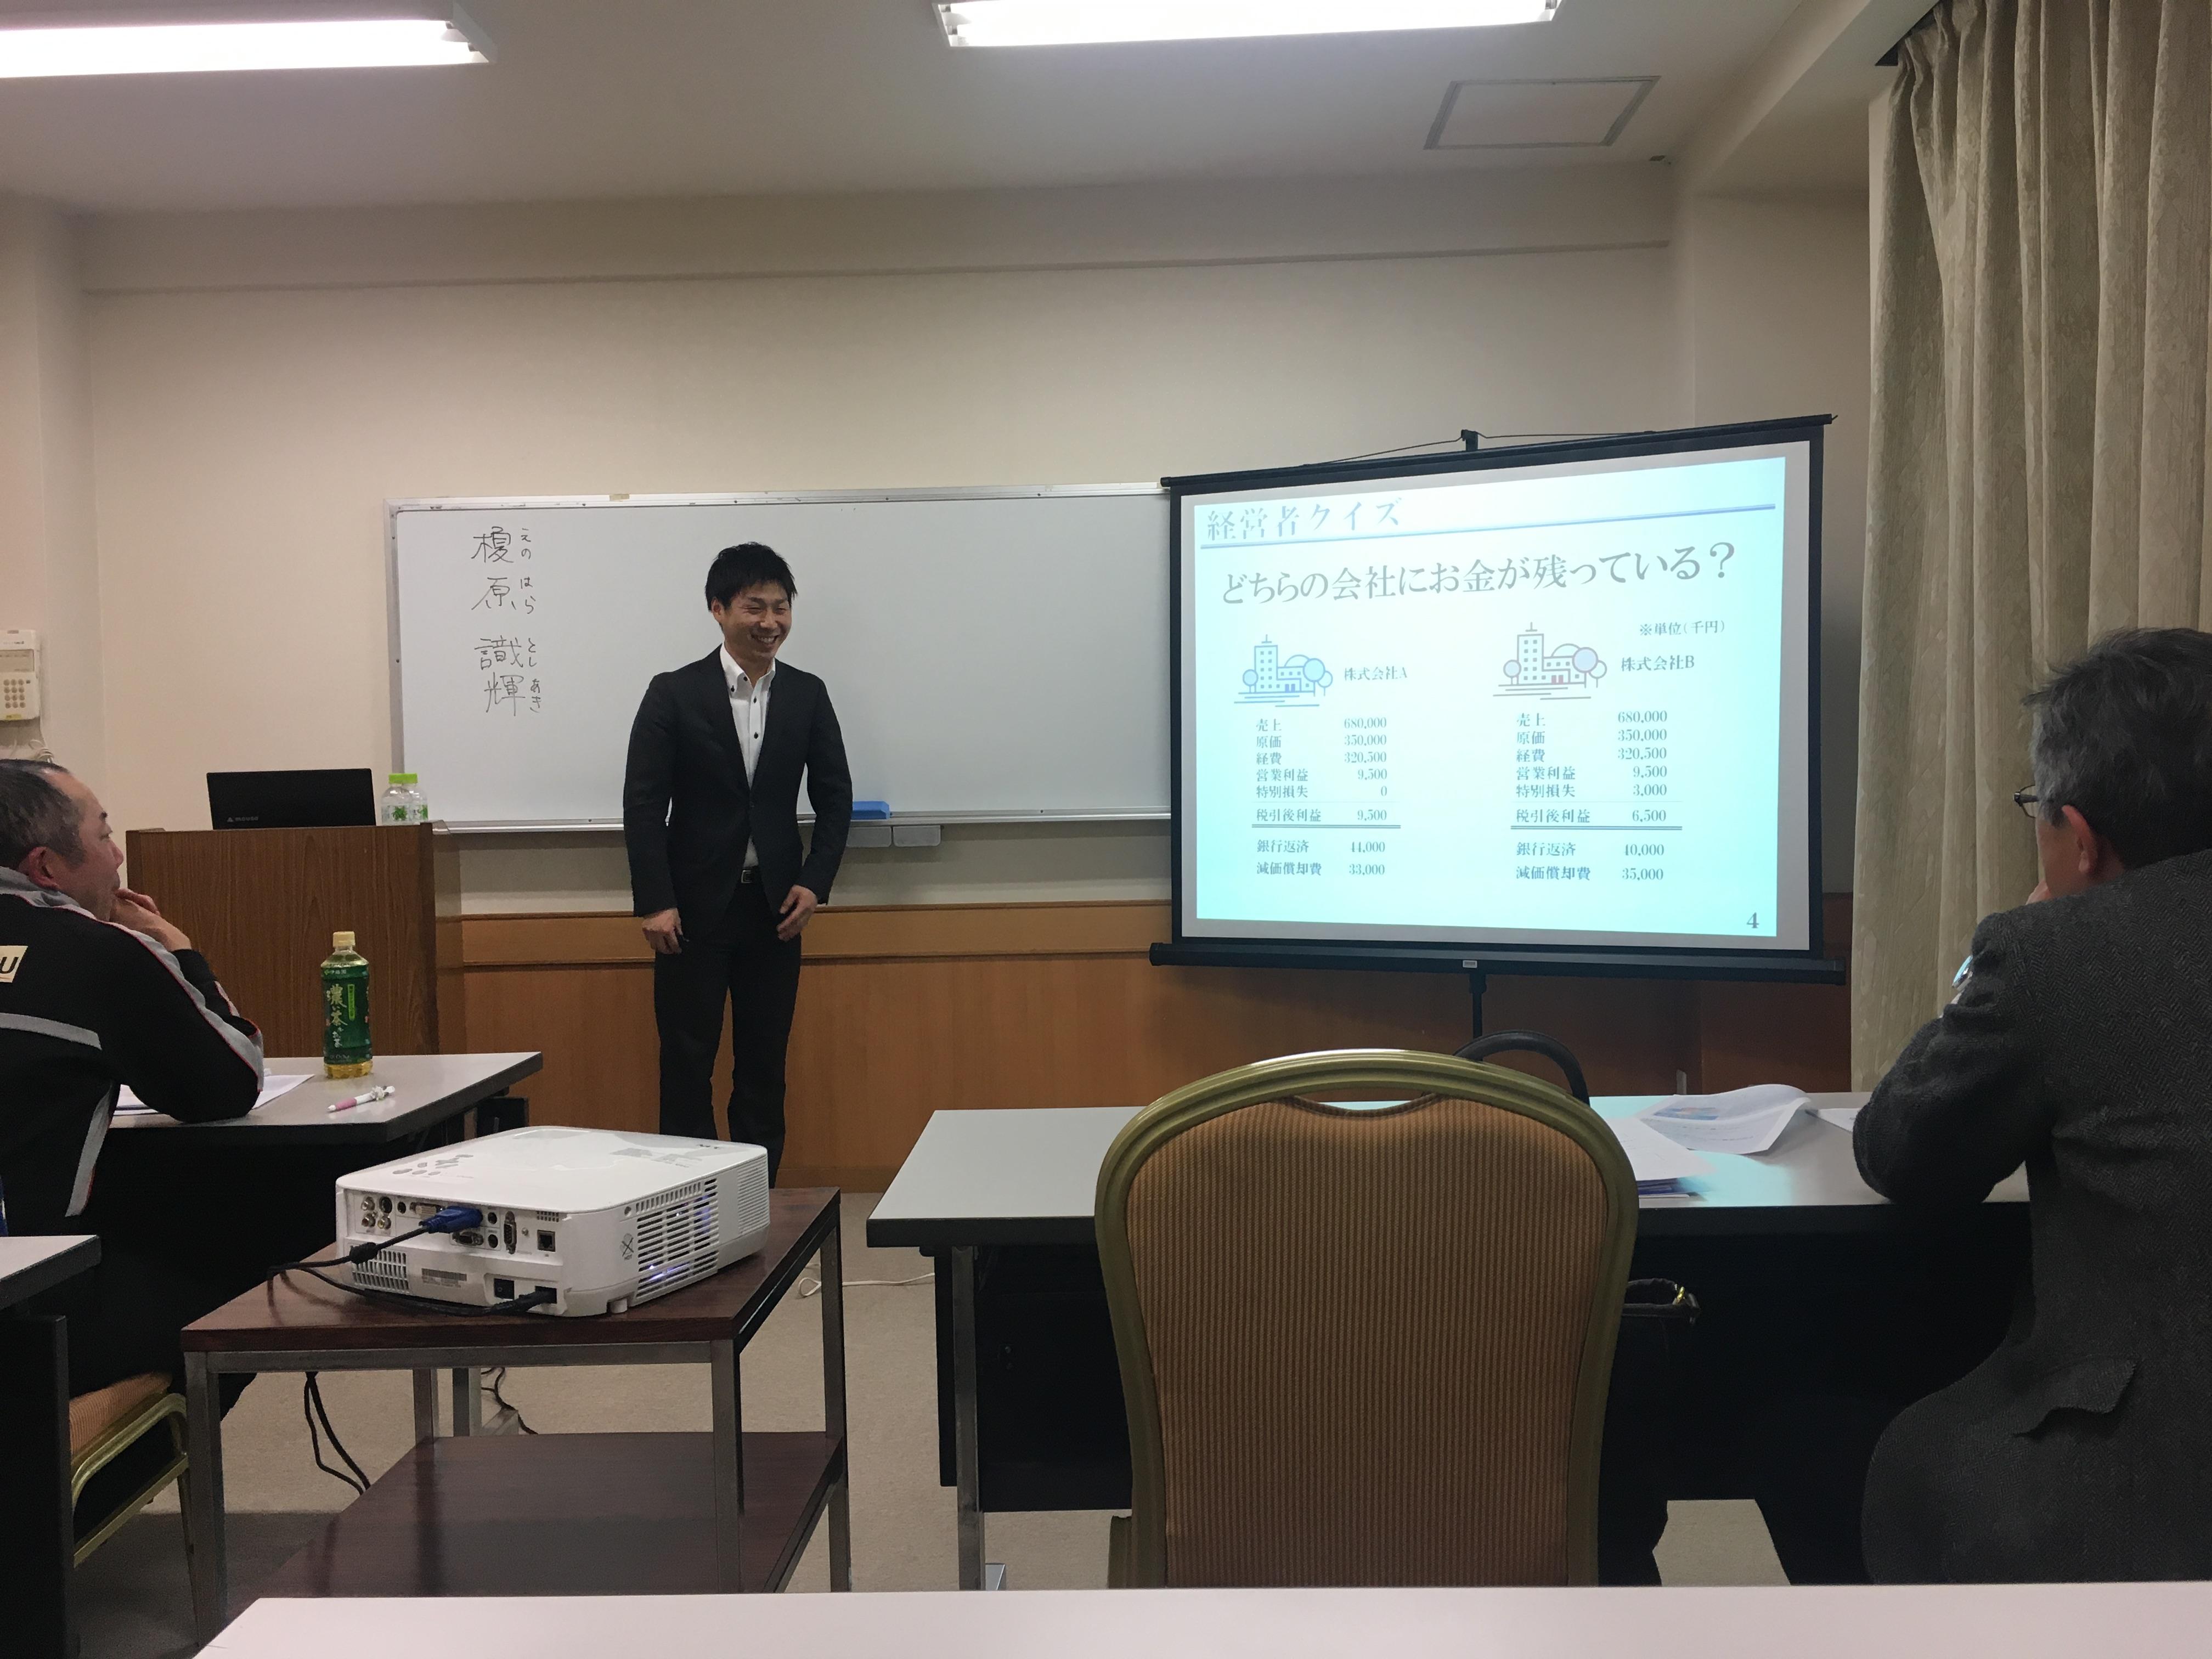 【コンセーレ宇都宮】経営者向け財務セミナー終了